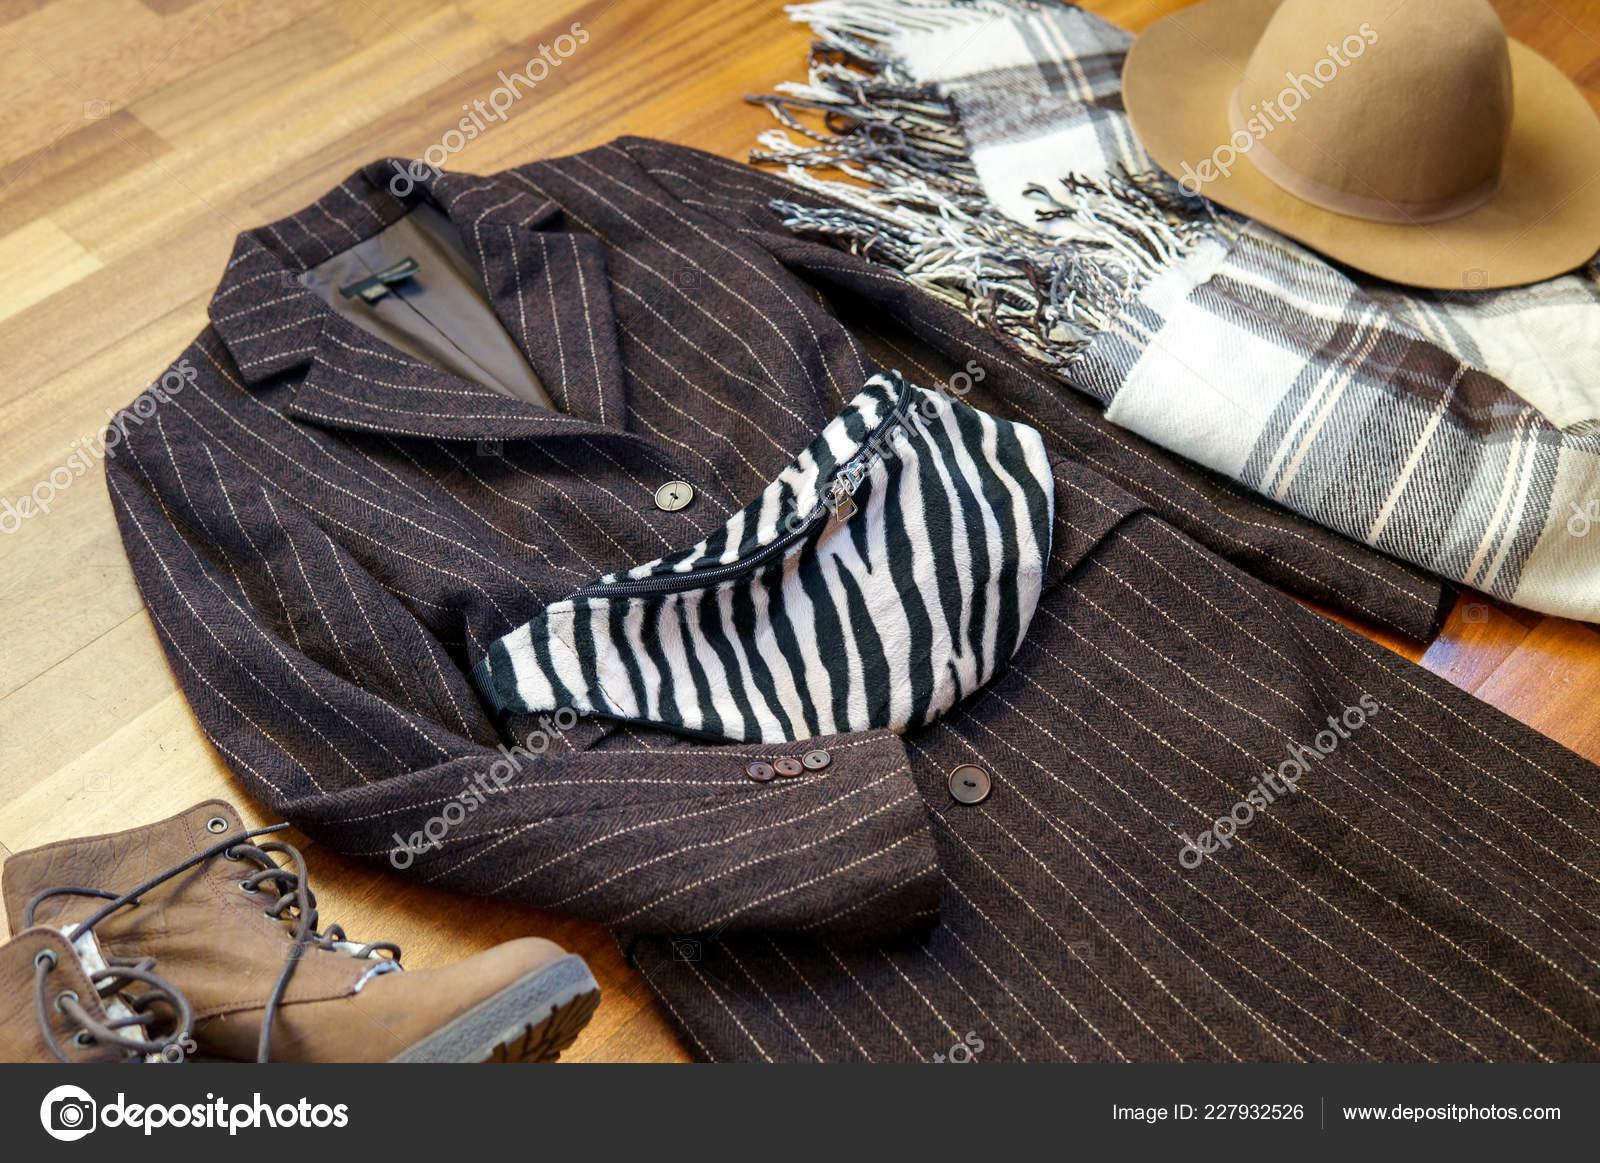 5d233e42cbf Φθινοπωρινή Μόδα Ντύσιμο Μάλλινα Παλτό Καπέλο Ζώνη Τσάντα Κασκόλ Και — Φωτογραφία  Αρχείου